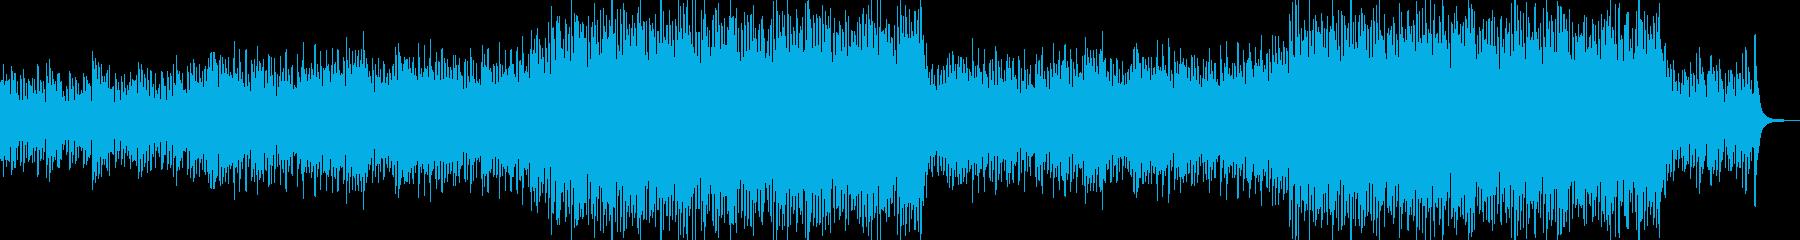 琴とピアノの優しい感動的な和風バラードの再生済みの波形